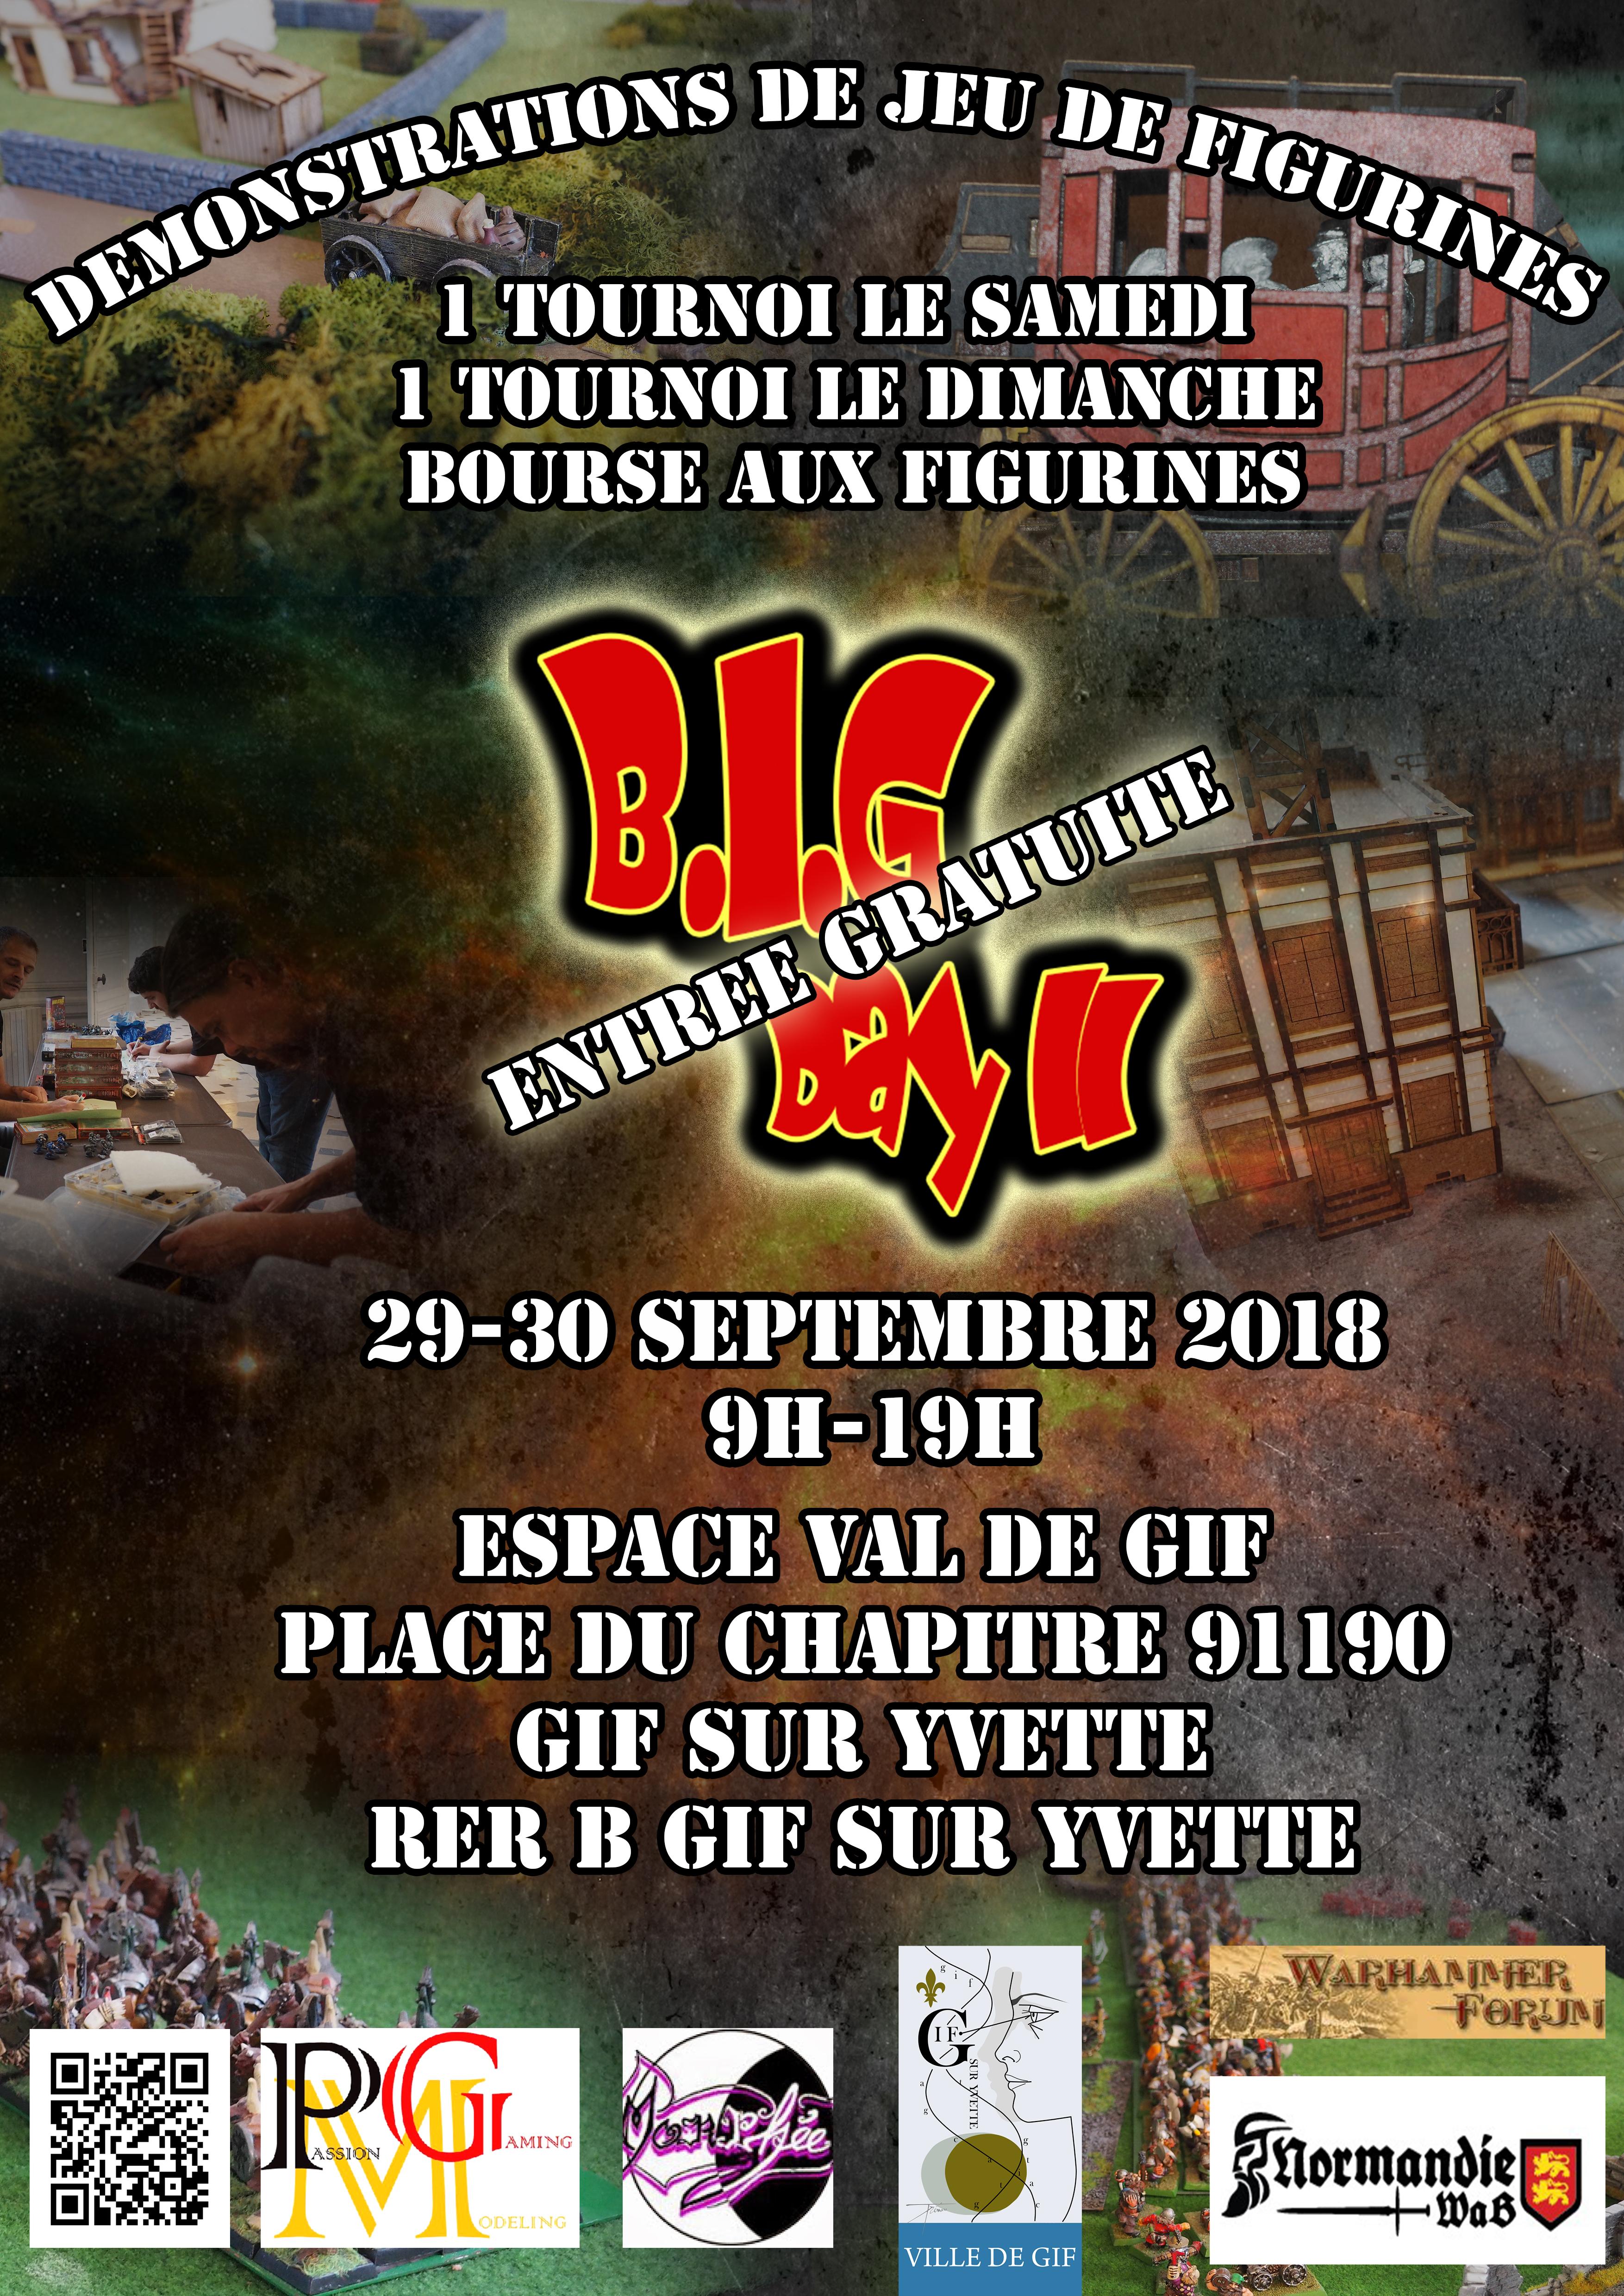 Annonce Big Day II : le 29-30 Septembre 2018  à Gif sur Yvette 180717082926316221